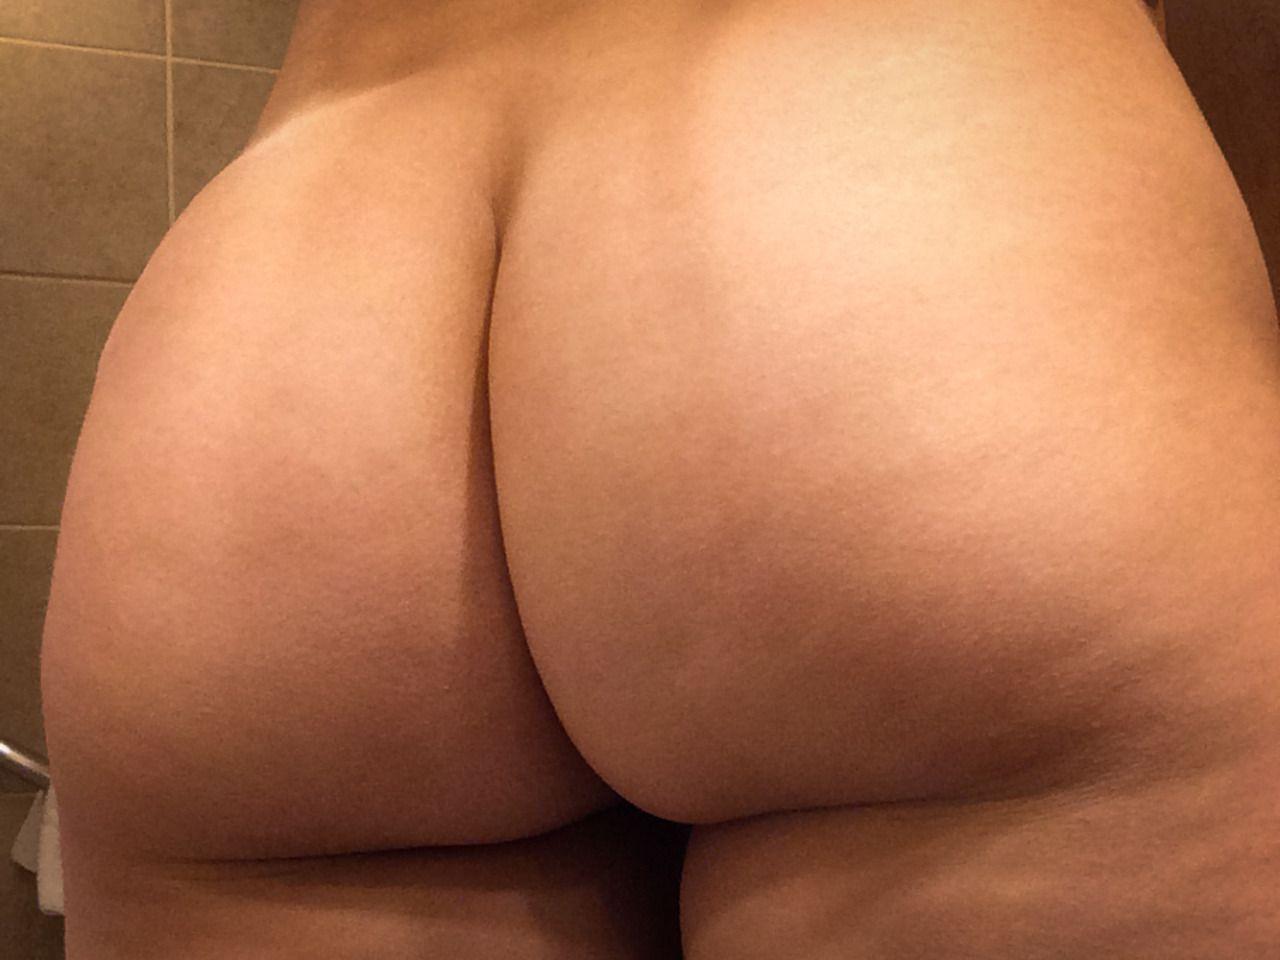 Смотрет фото жопа, Голые жопы - большая и толстая жопа девушек 1 фотография